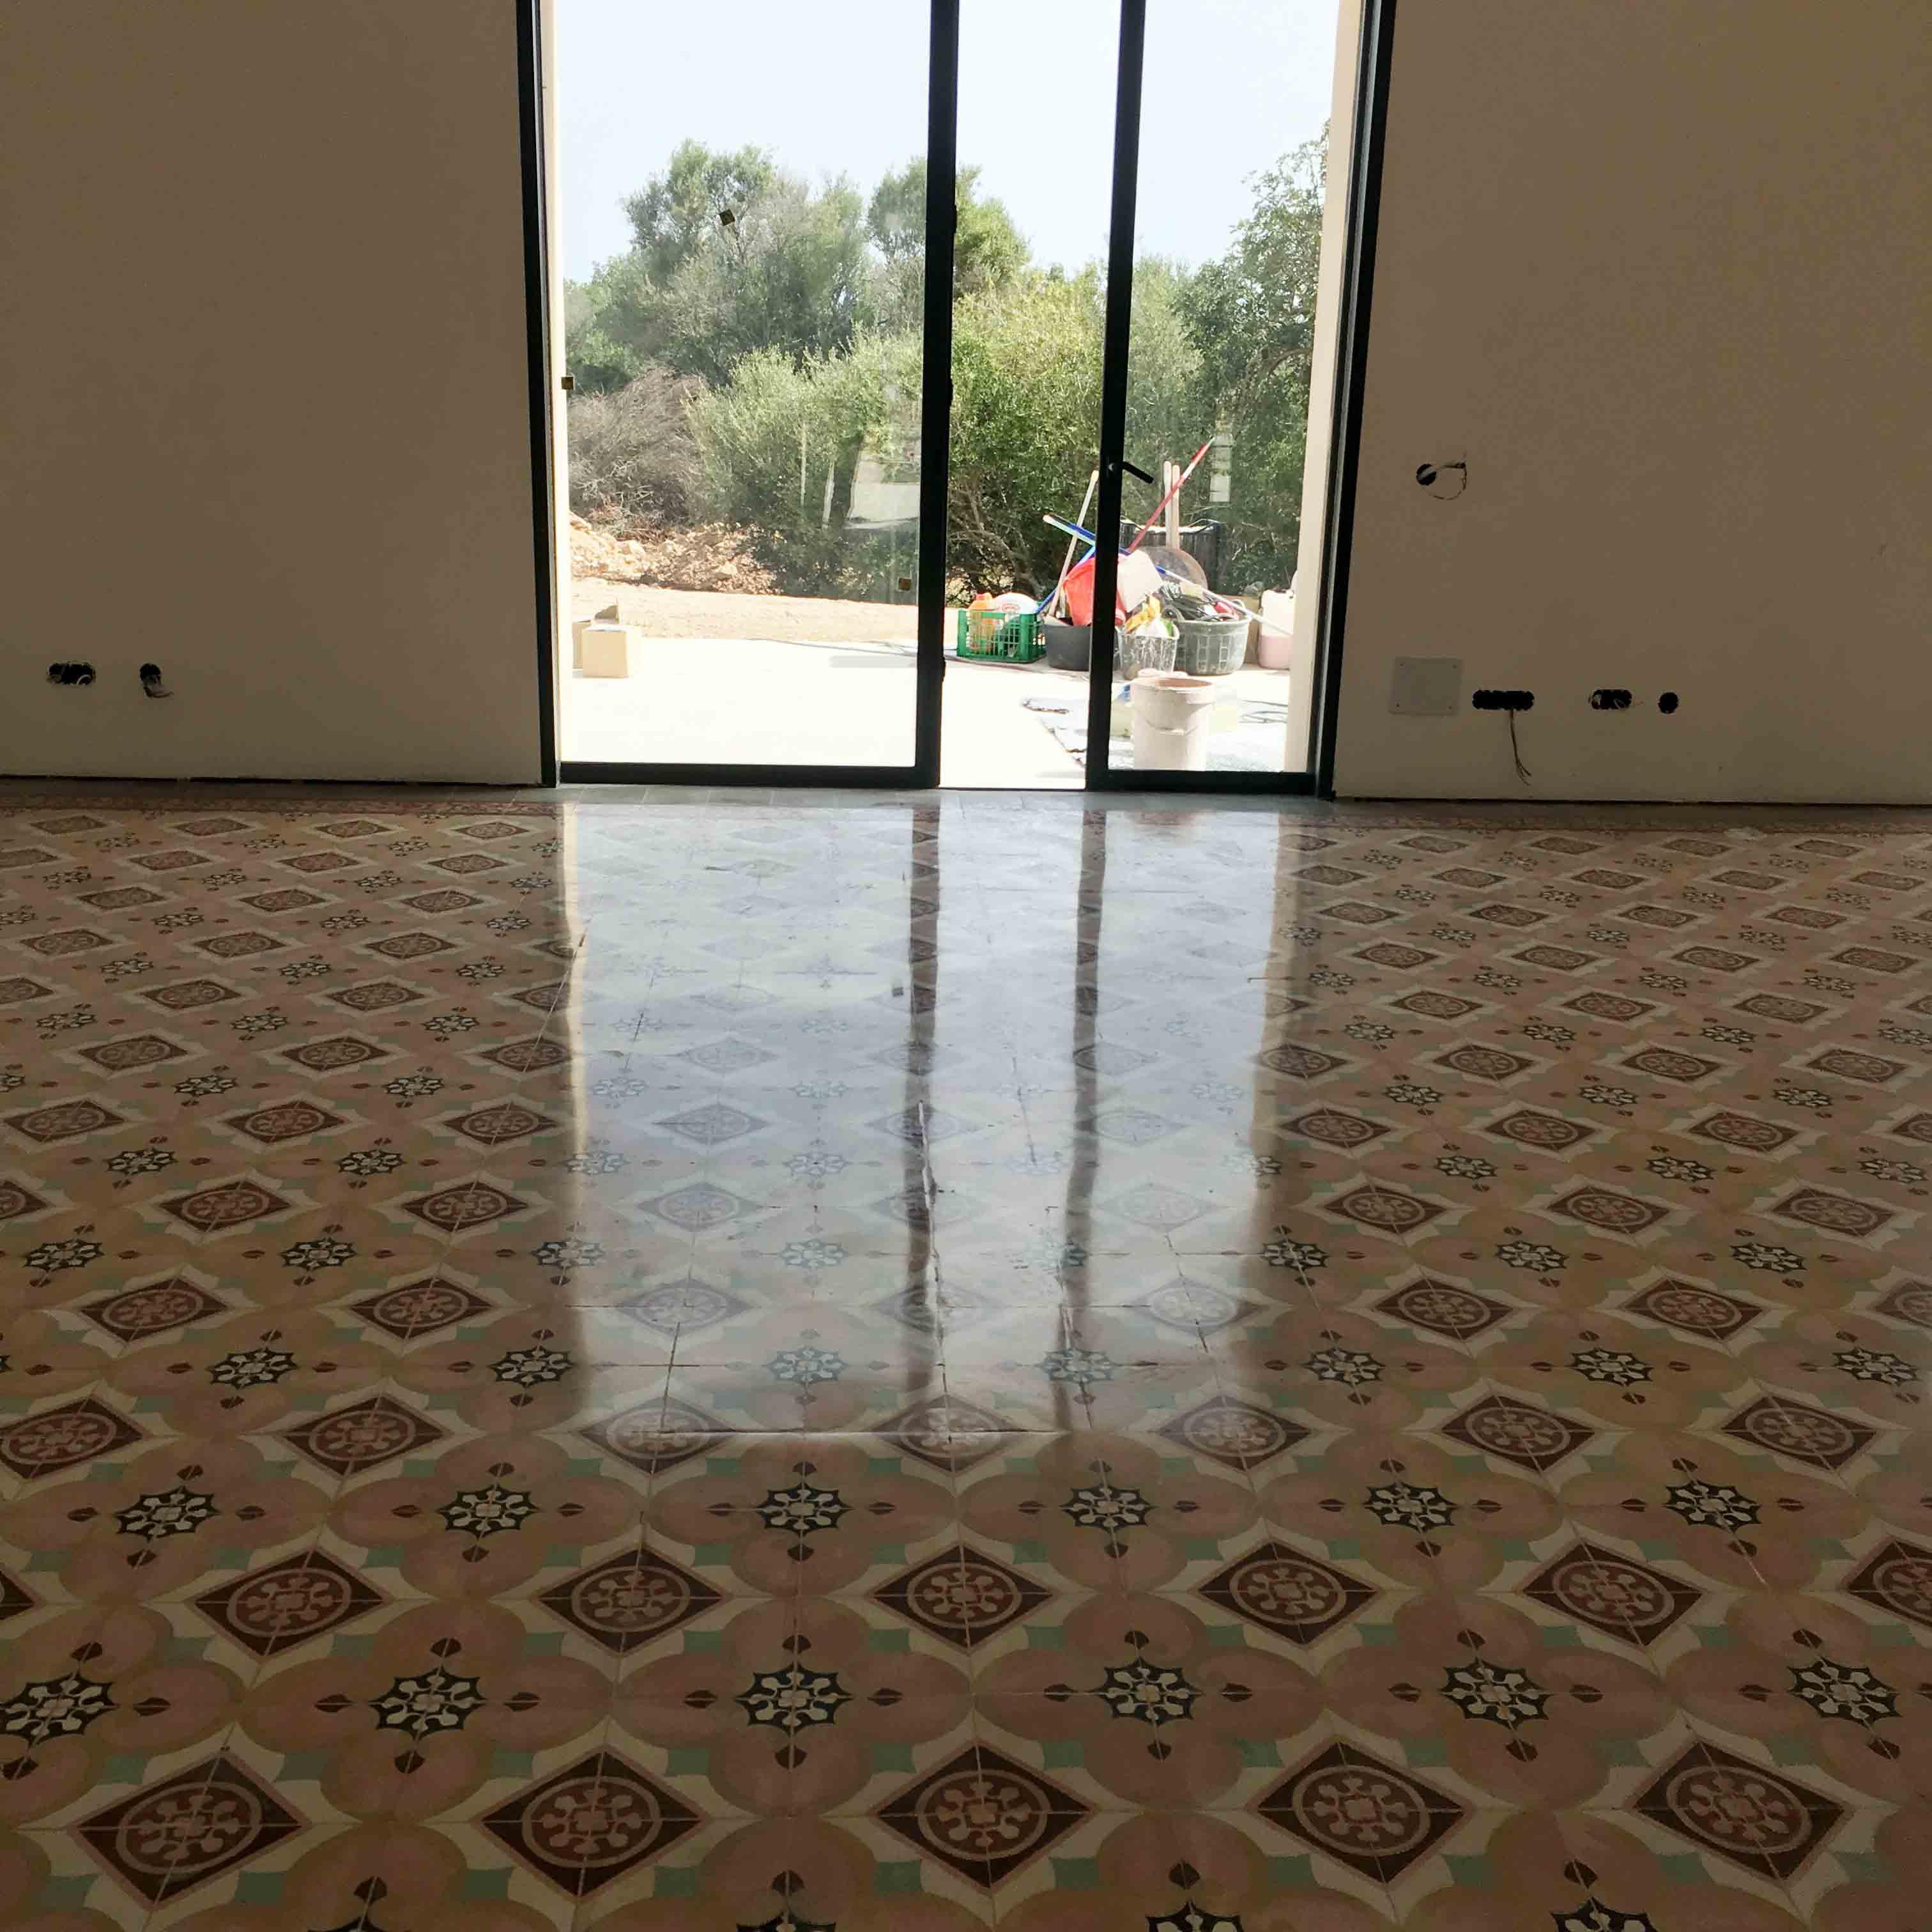 MosaicosBarcelona-Recuperacción-abrillantado-y-acristalado-de-suelos-de-mosaico-hidraulico-en-vivienda-en-Mallorca-Baleares-19